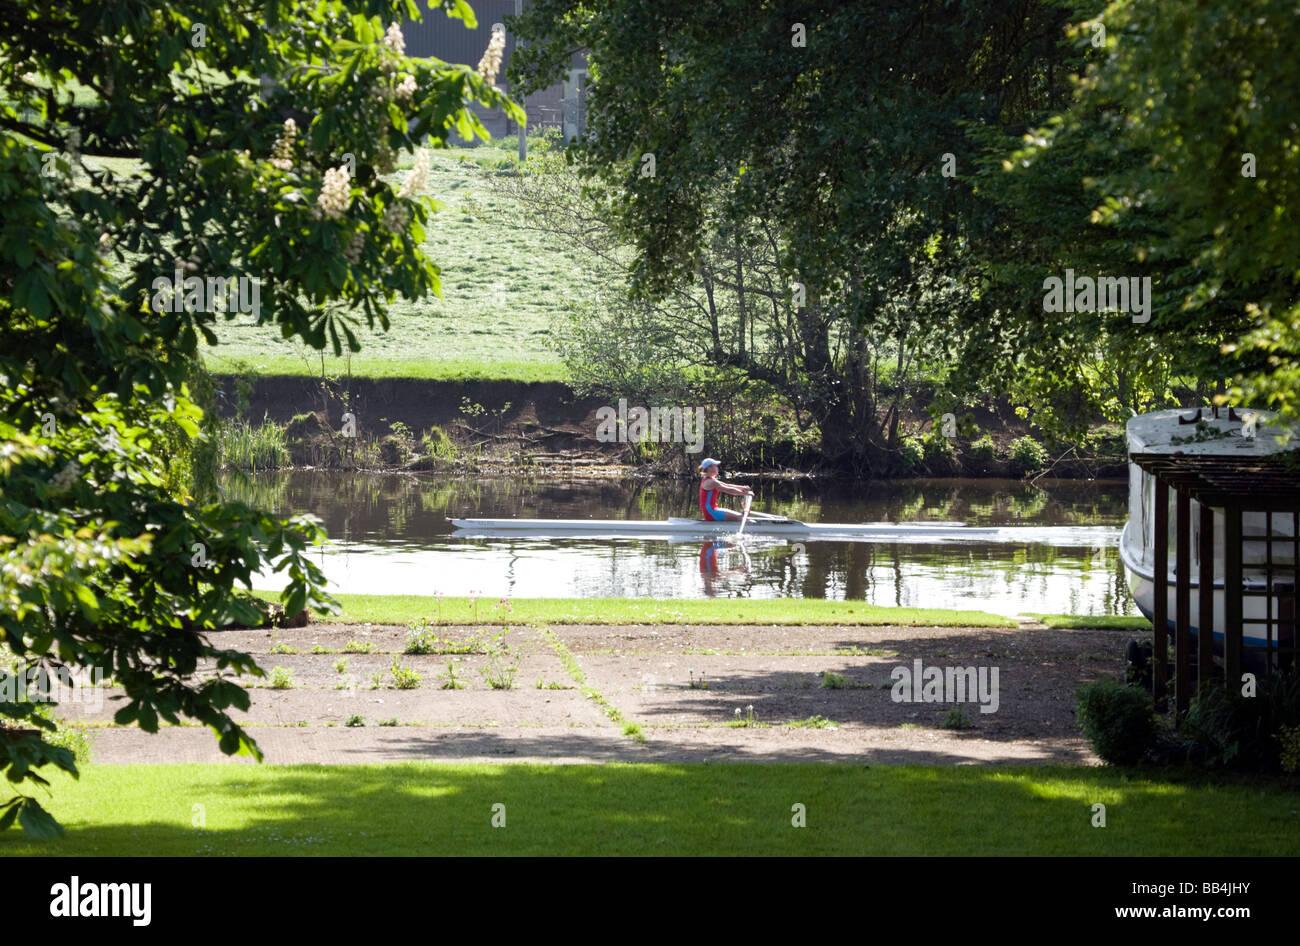 Un inizio di mattina rower sul Fiume Tamigi a Wallingford, Oxfordshire, Regno Unito Immagini Stock